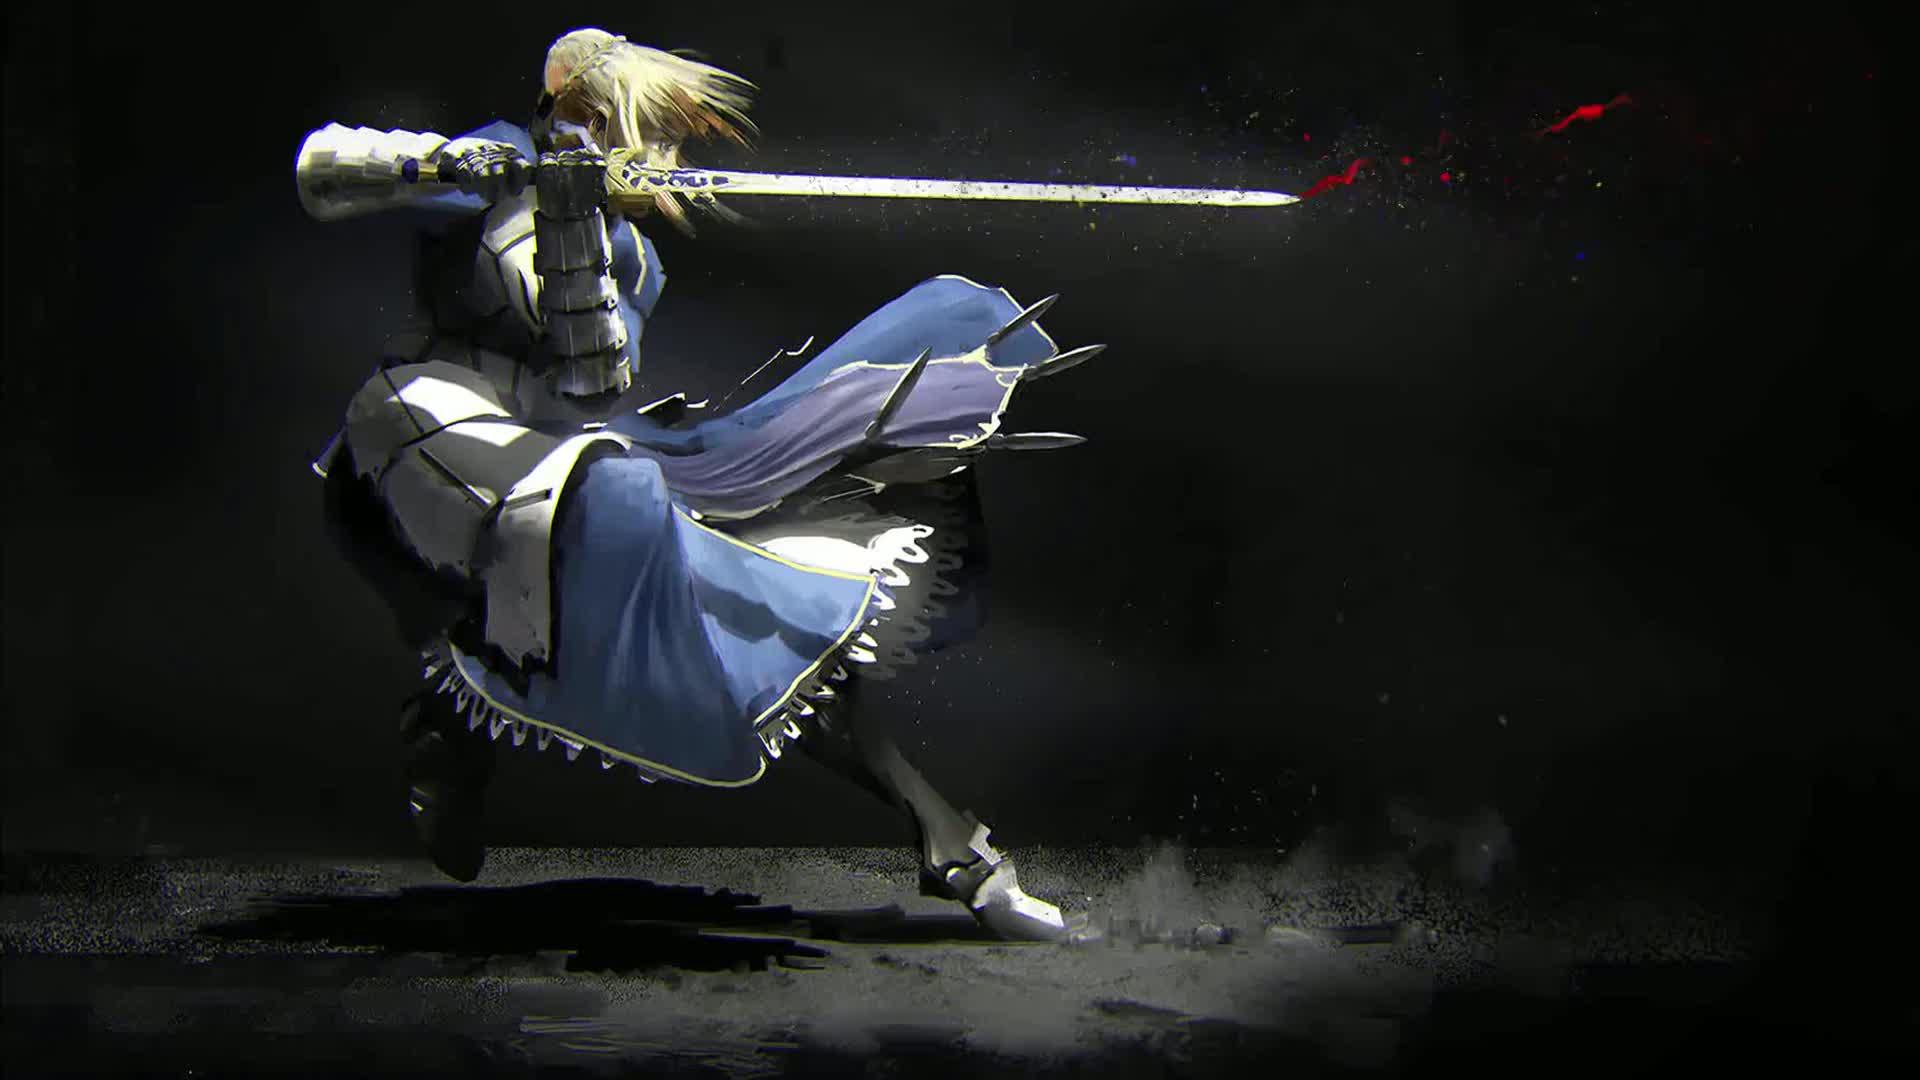 Аниме Девушка Воин с окровавленным мечом - живые обои